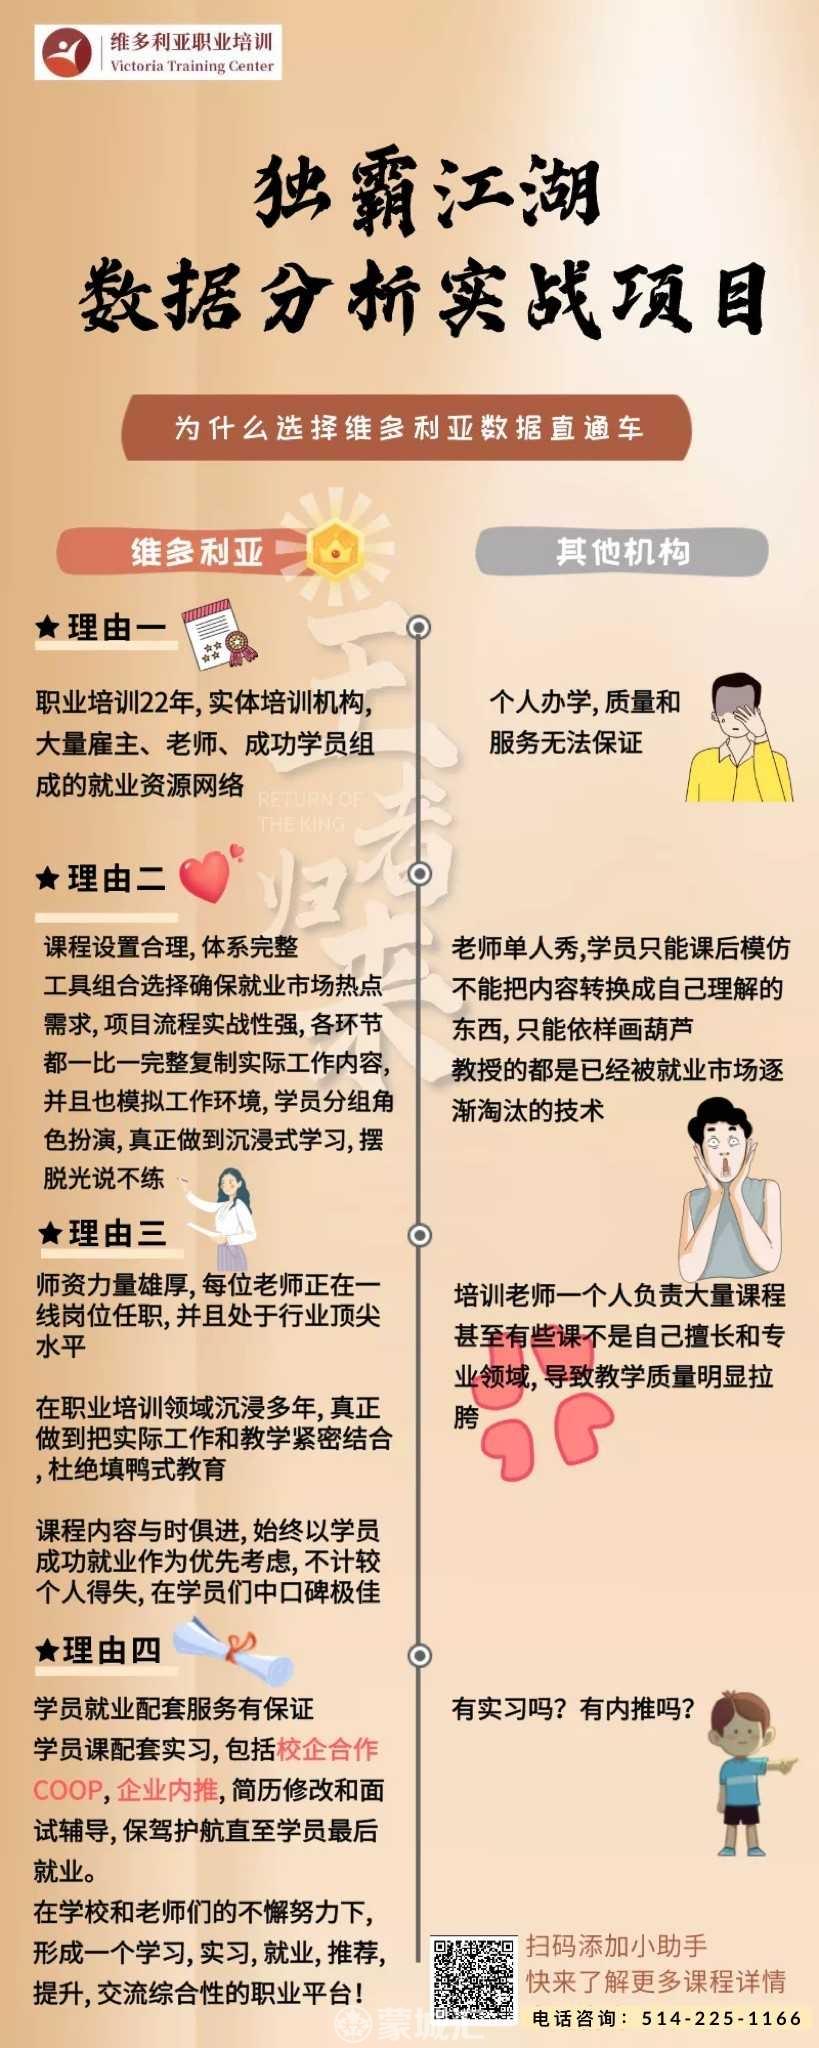 WeChat Image_20210630221638.jpg